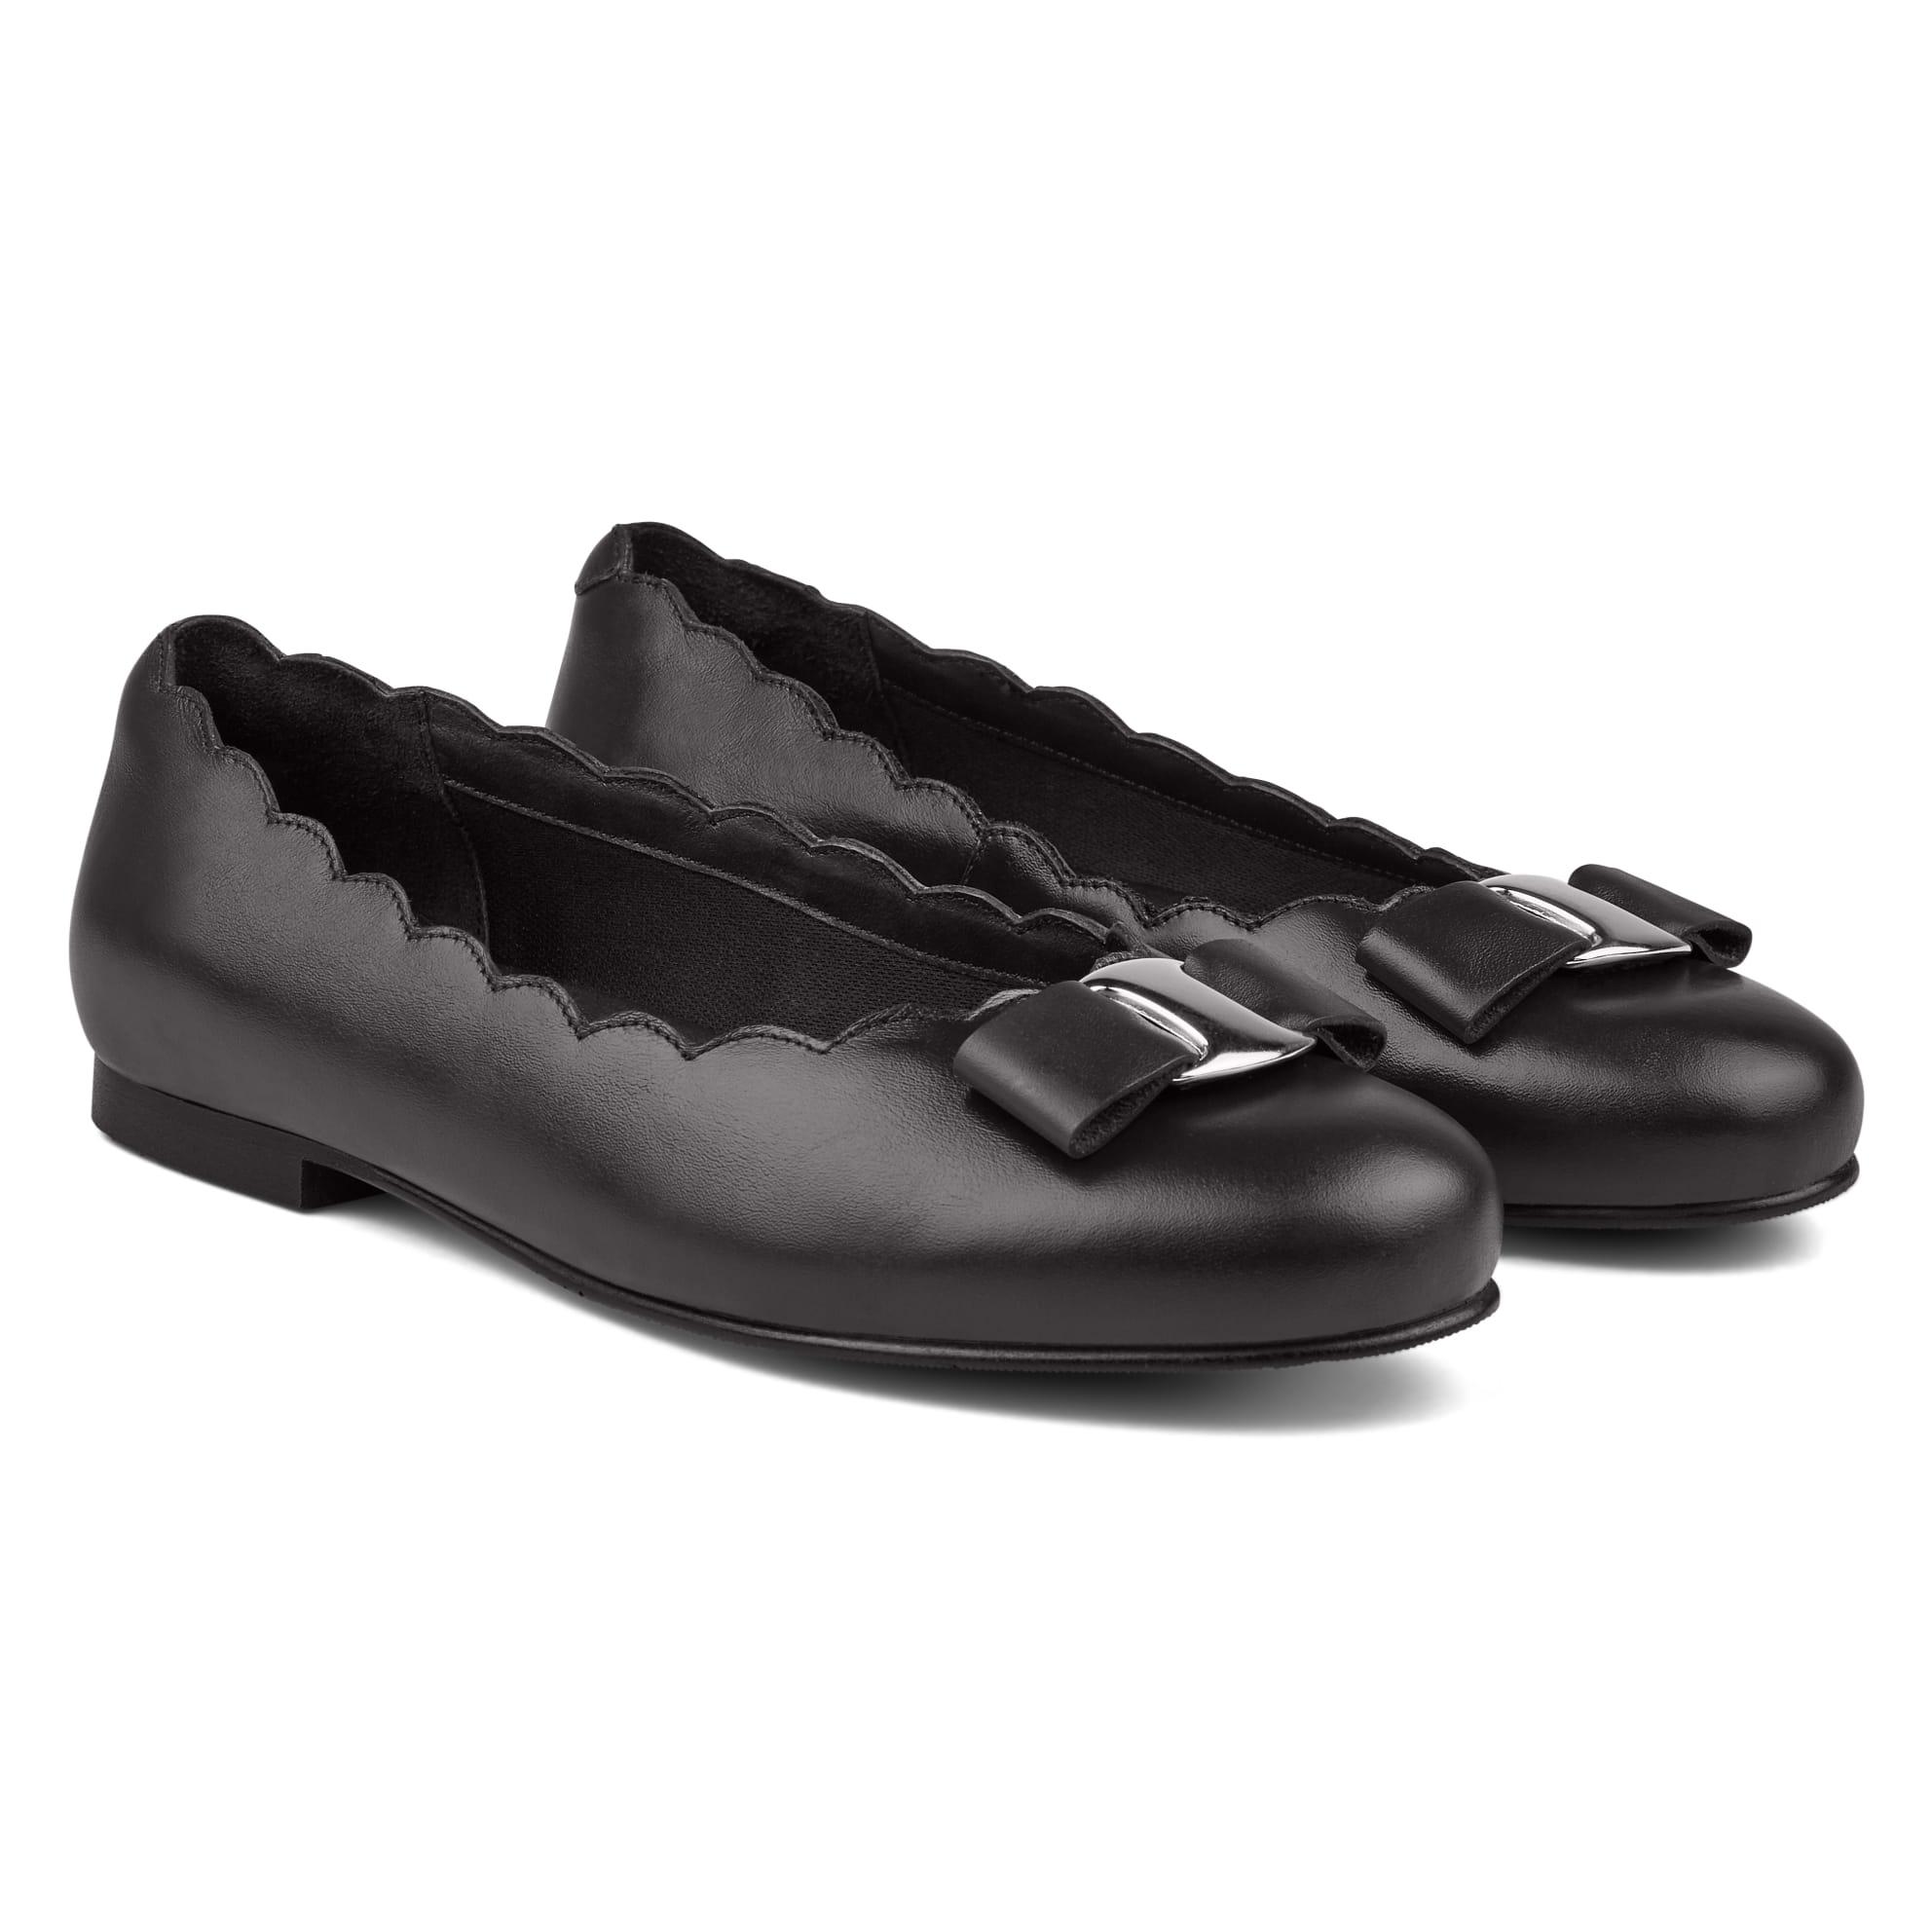 Ballerina mit Wellenkante und Schleife Schwarz – modischer und bequemer Schuh für Hallux valgus und empfindliche Füße von LaShoe.de